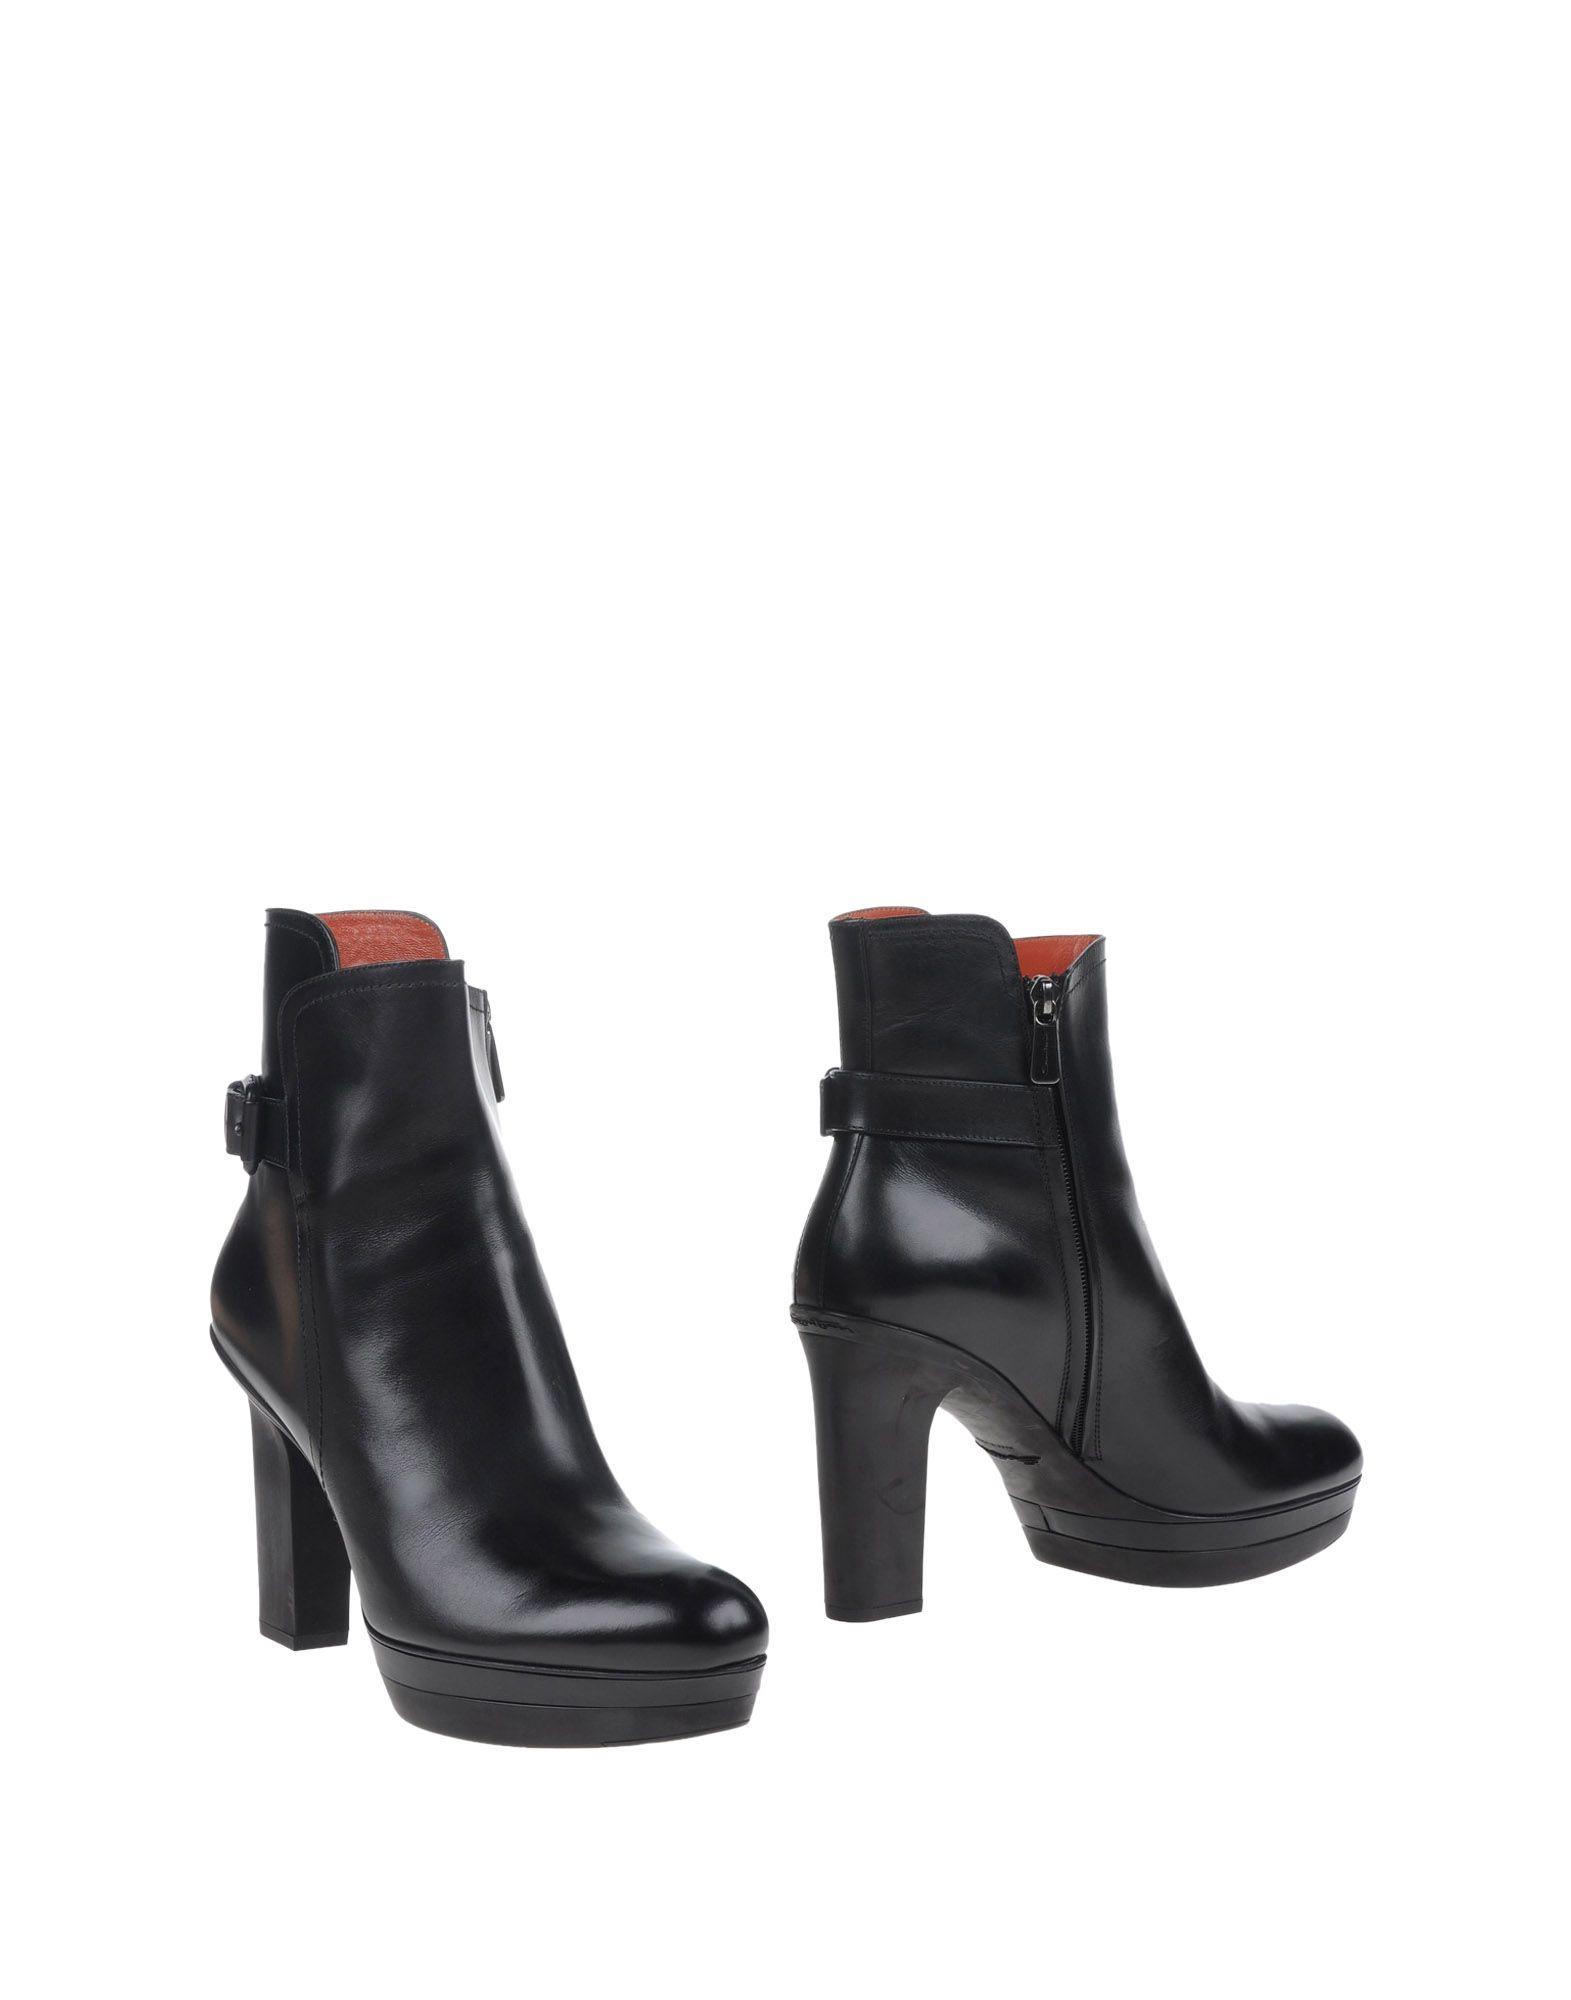 Bottine Santoni Femme - Bottines Santoni Noir Nouvelles chaussures remise pour hommes et femmes, remise chaussures limitée dans le temps f879ee